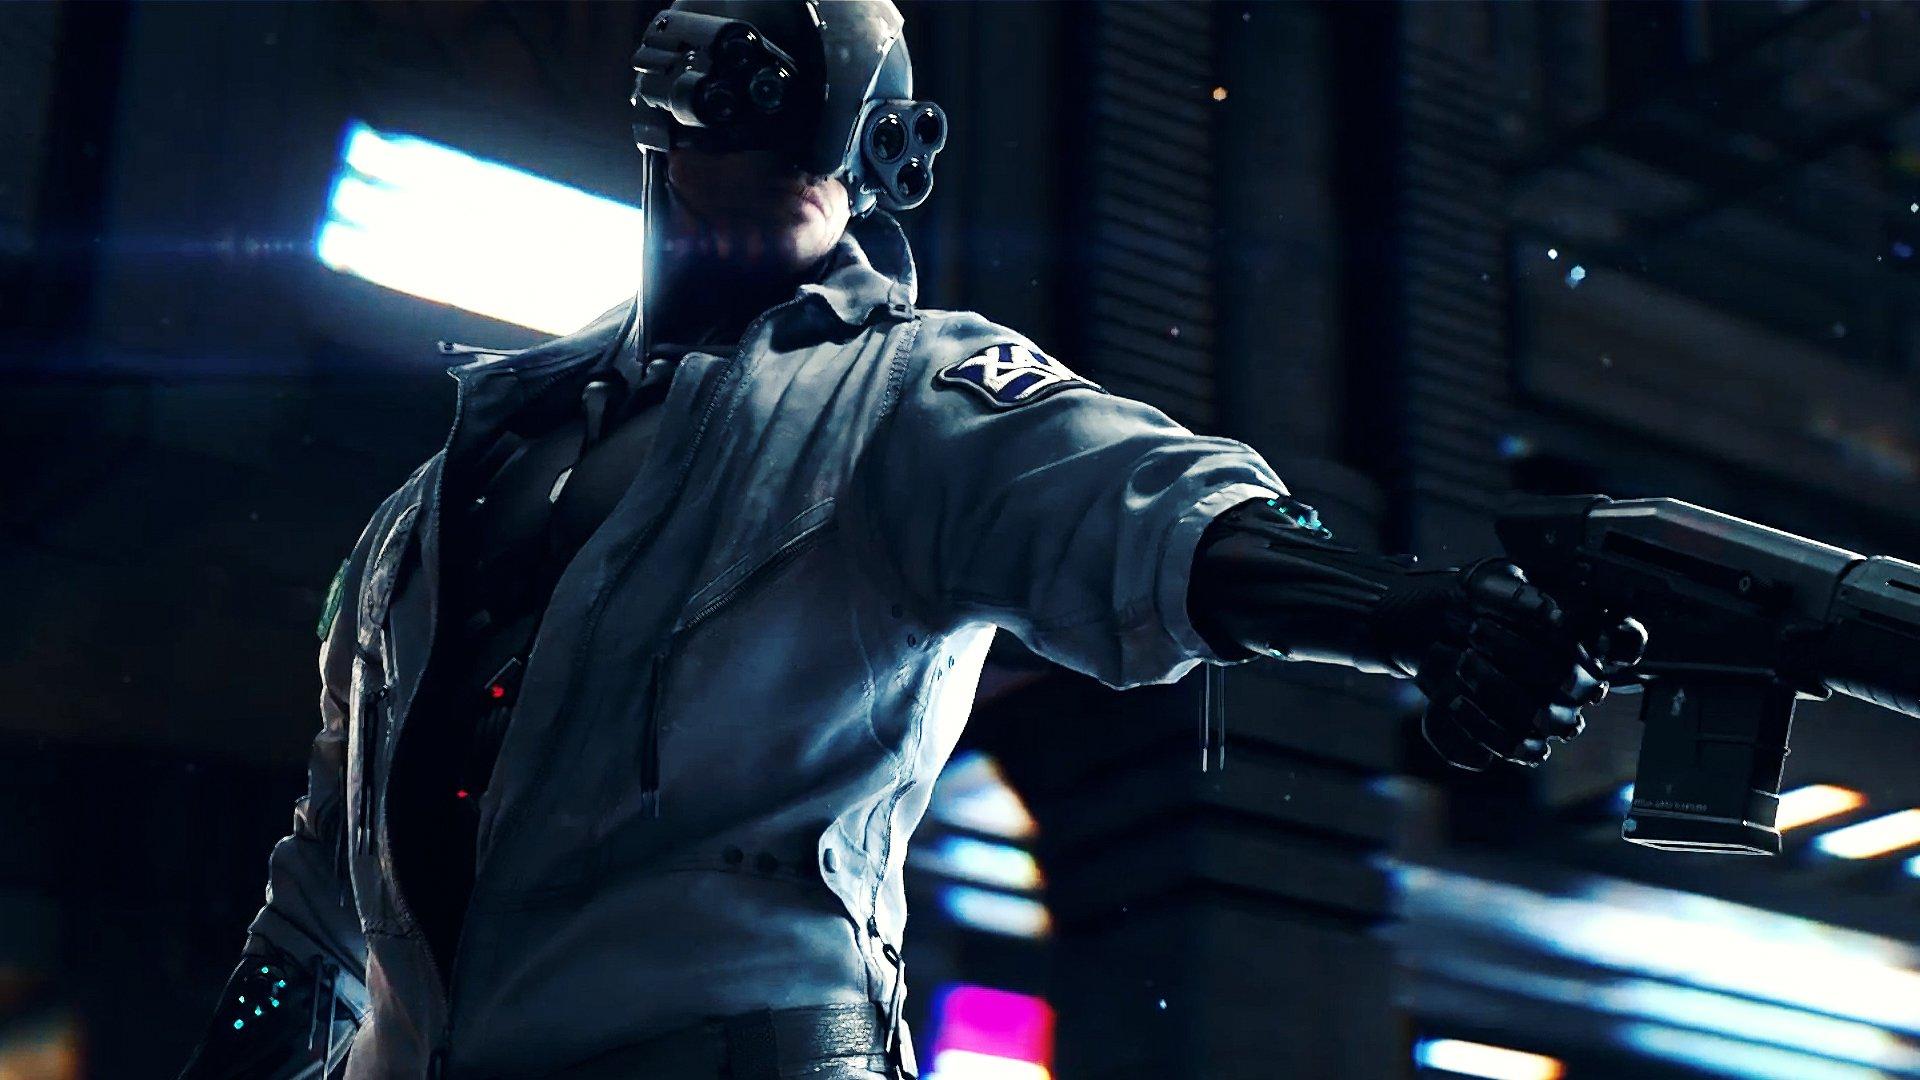 CD Projekt Red: در رابطه با Cyberpunk 2077 به چیزی کمتر از The Witcher 3 فکر نکنید + اطمینان از عدم وجود پرداختهای درون برنامهای ناعادلانه